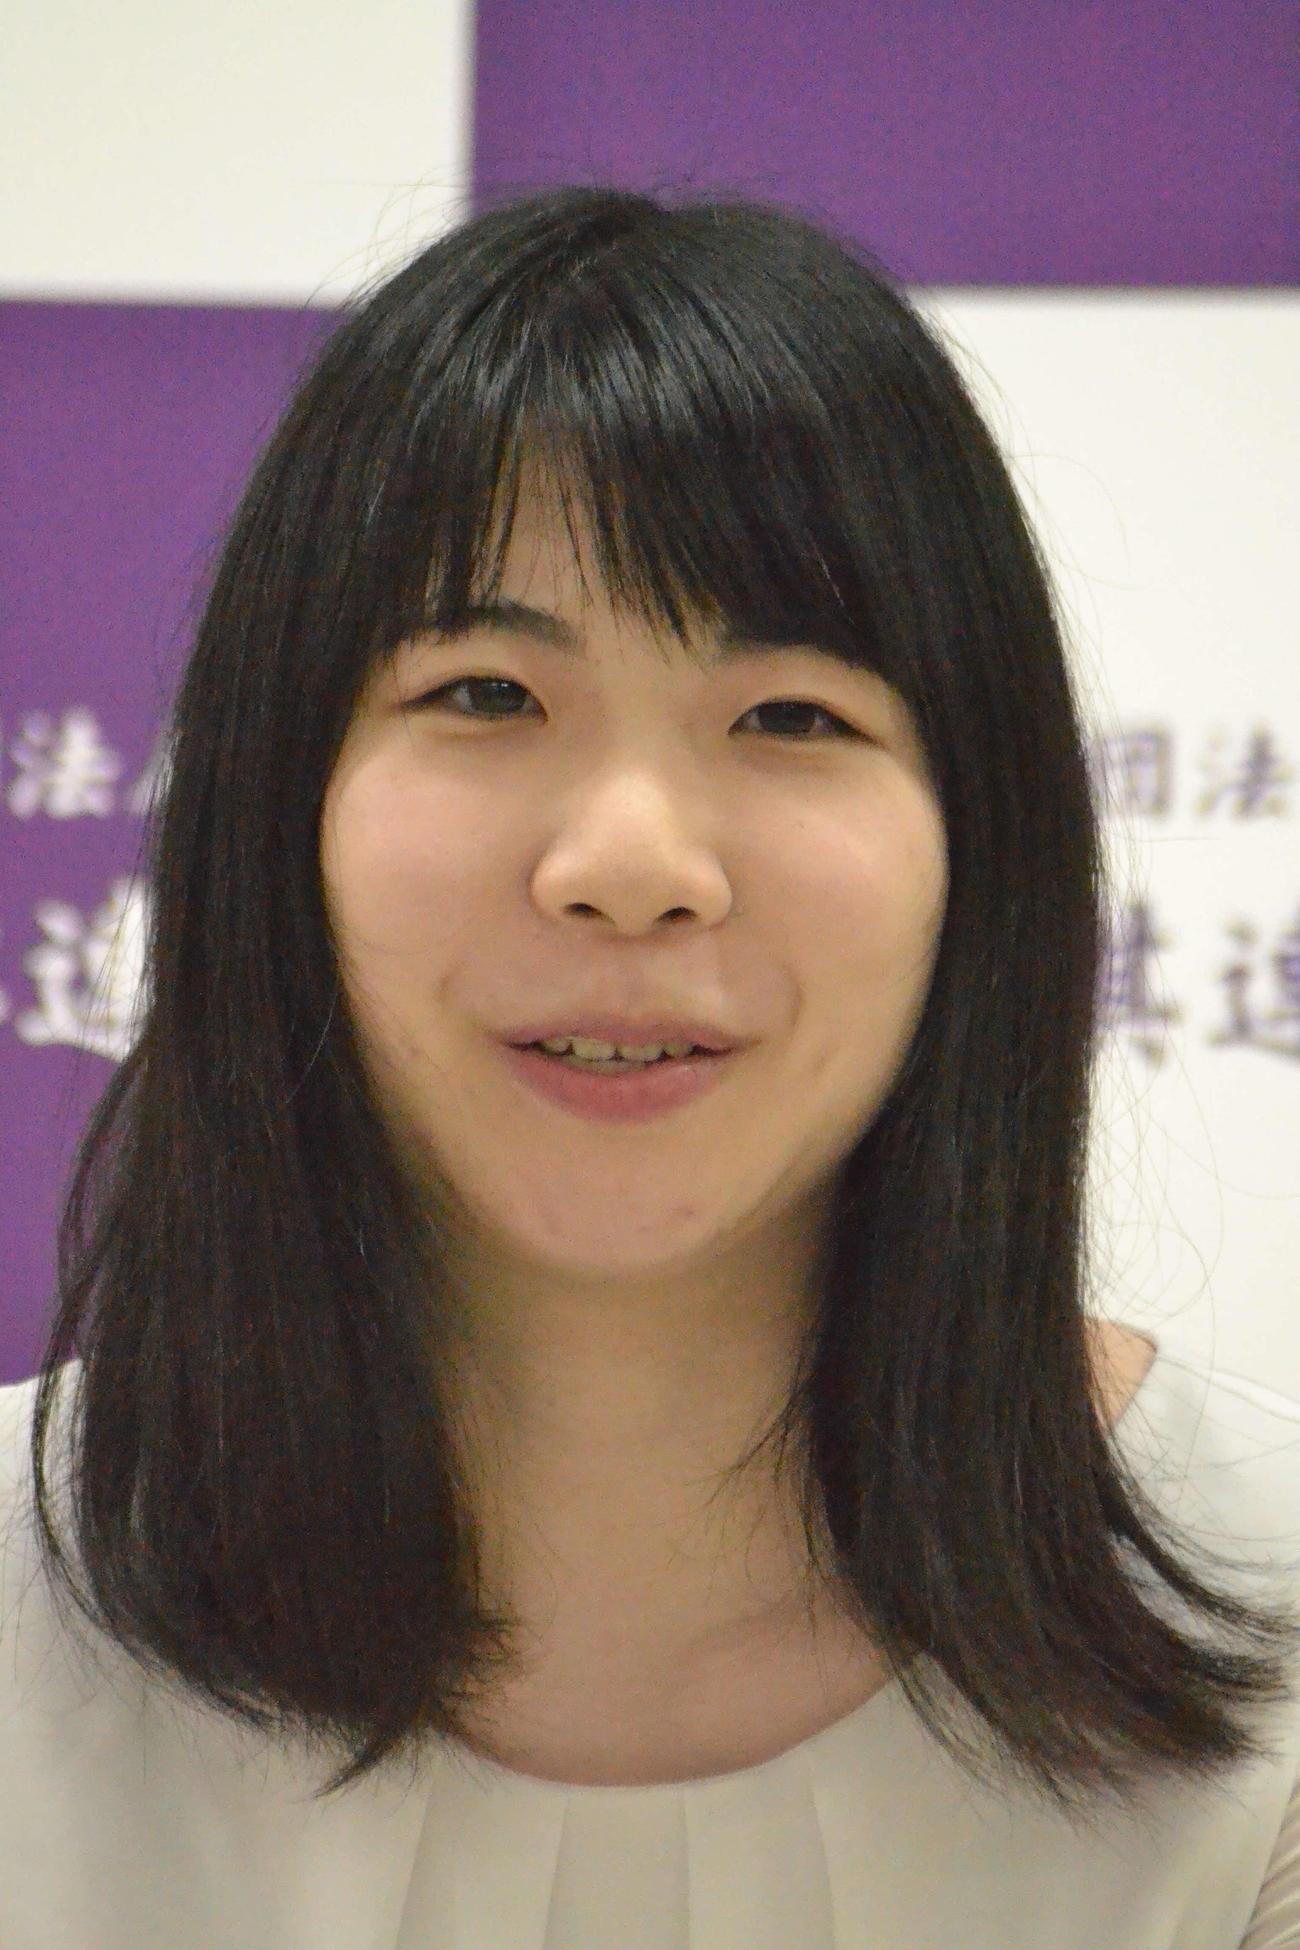 加藤桃子女流三段の挑戦を退けてマイナビ女子オープン3連覇を果たした西山朋佳女王